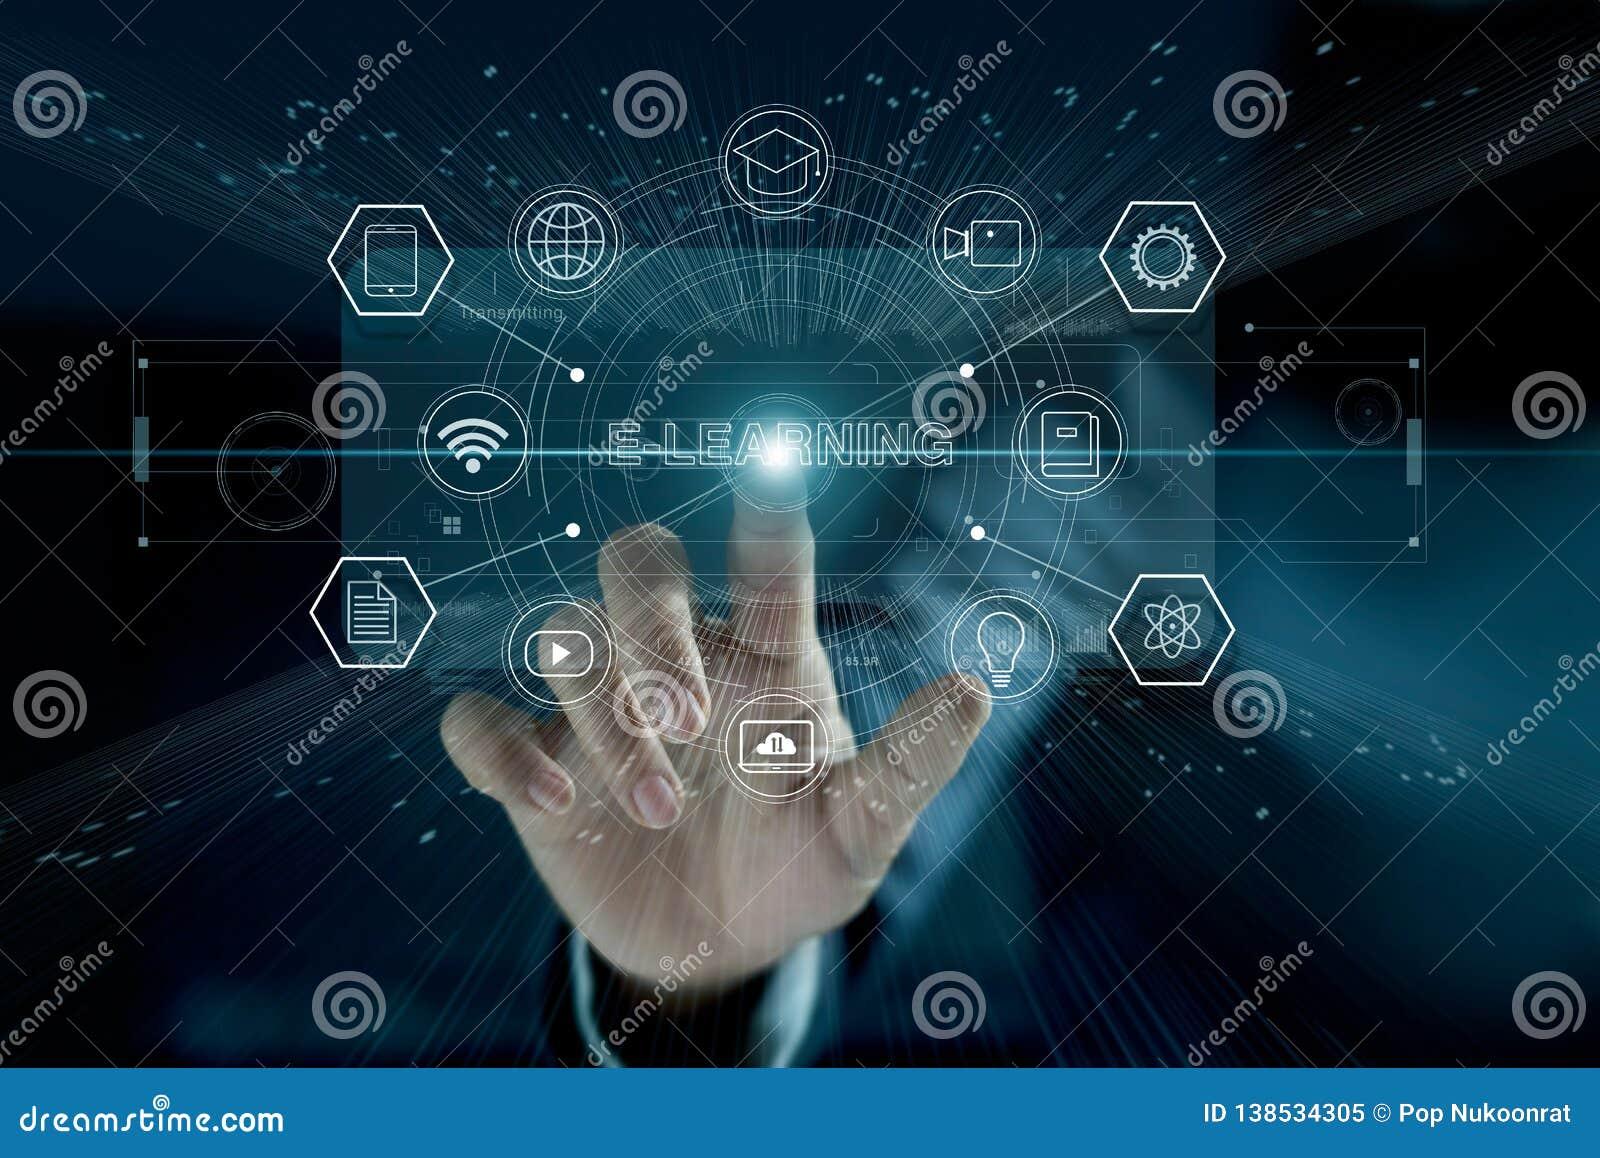 Concepto del aprendizaje electrónico Hombre de negocios que toca el interfaz virtual moderno